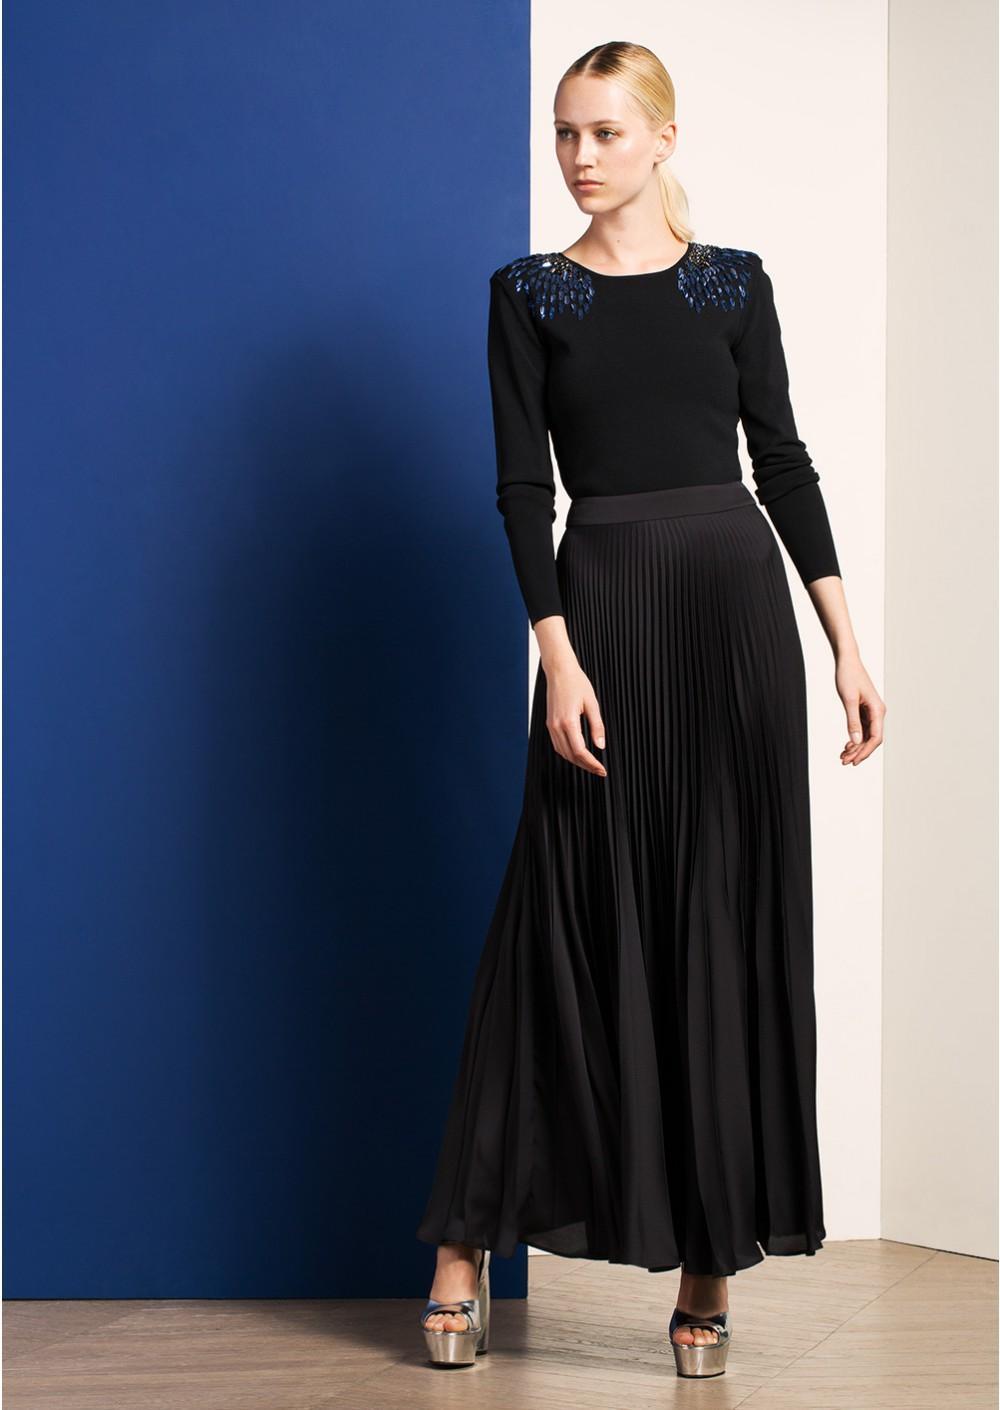 Jupe Noire Plissée Longue Longue Zara Noire Plissée Jupe 5qj3ARS4cL